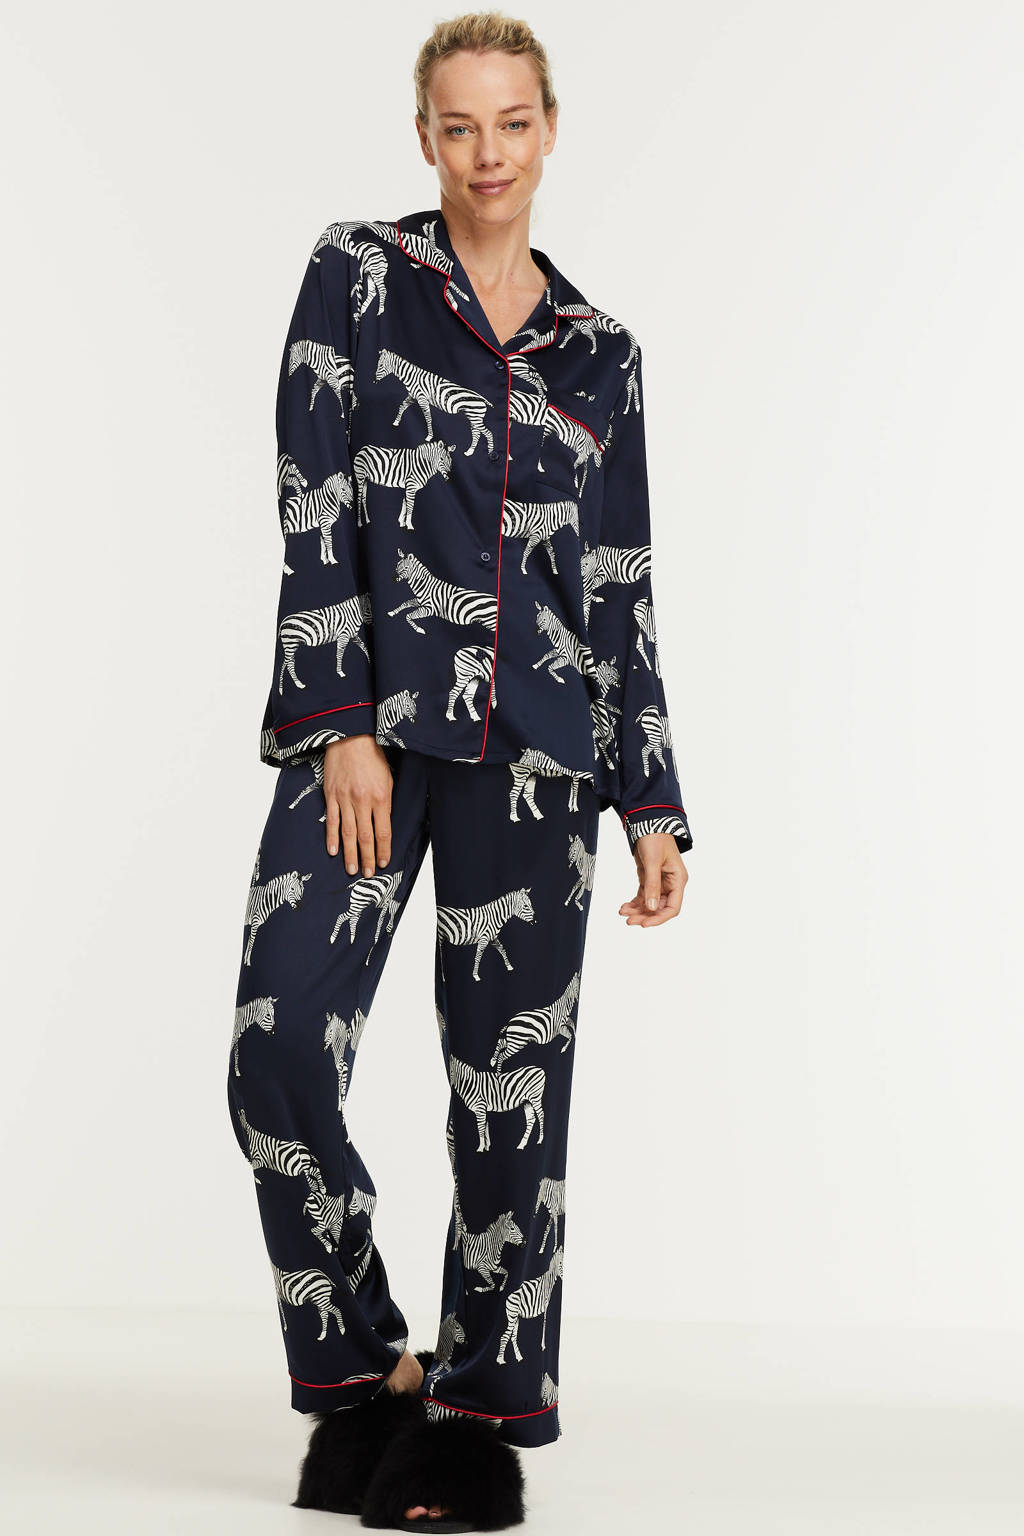 Chelsea Peers satijnlook pyjama Zebra met dierenprint donkerblauw/wit, Donkerblauw/wit